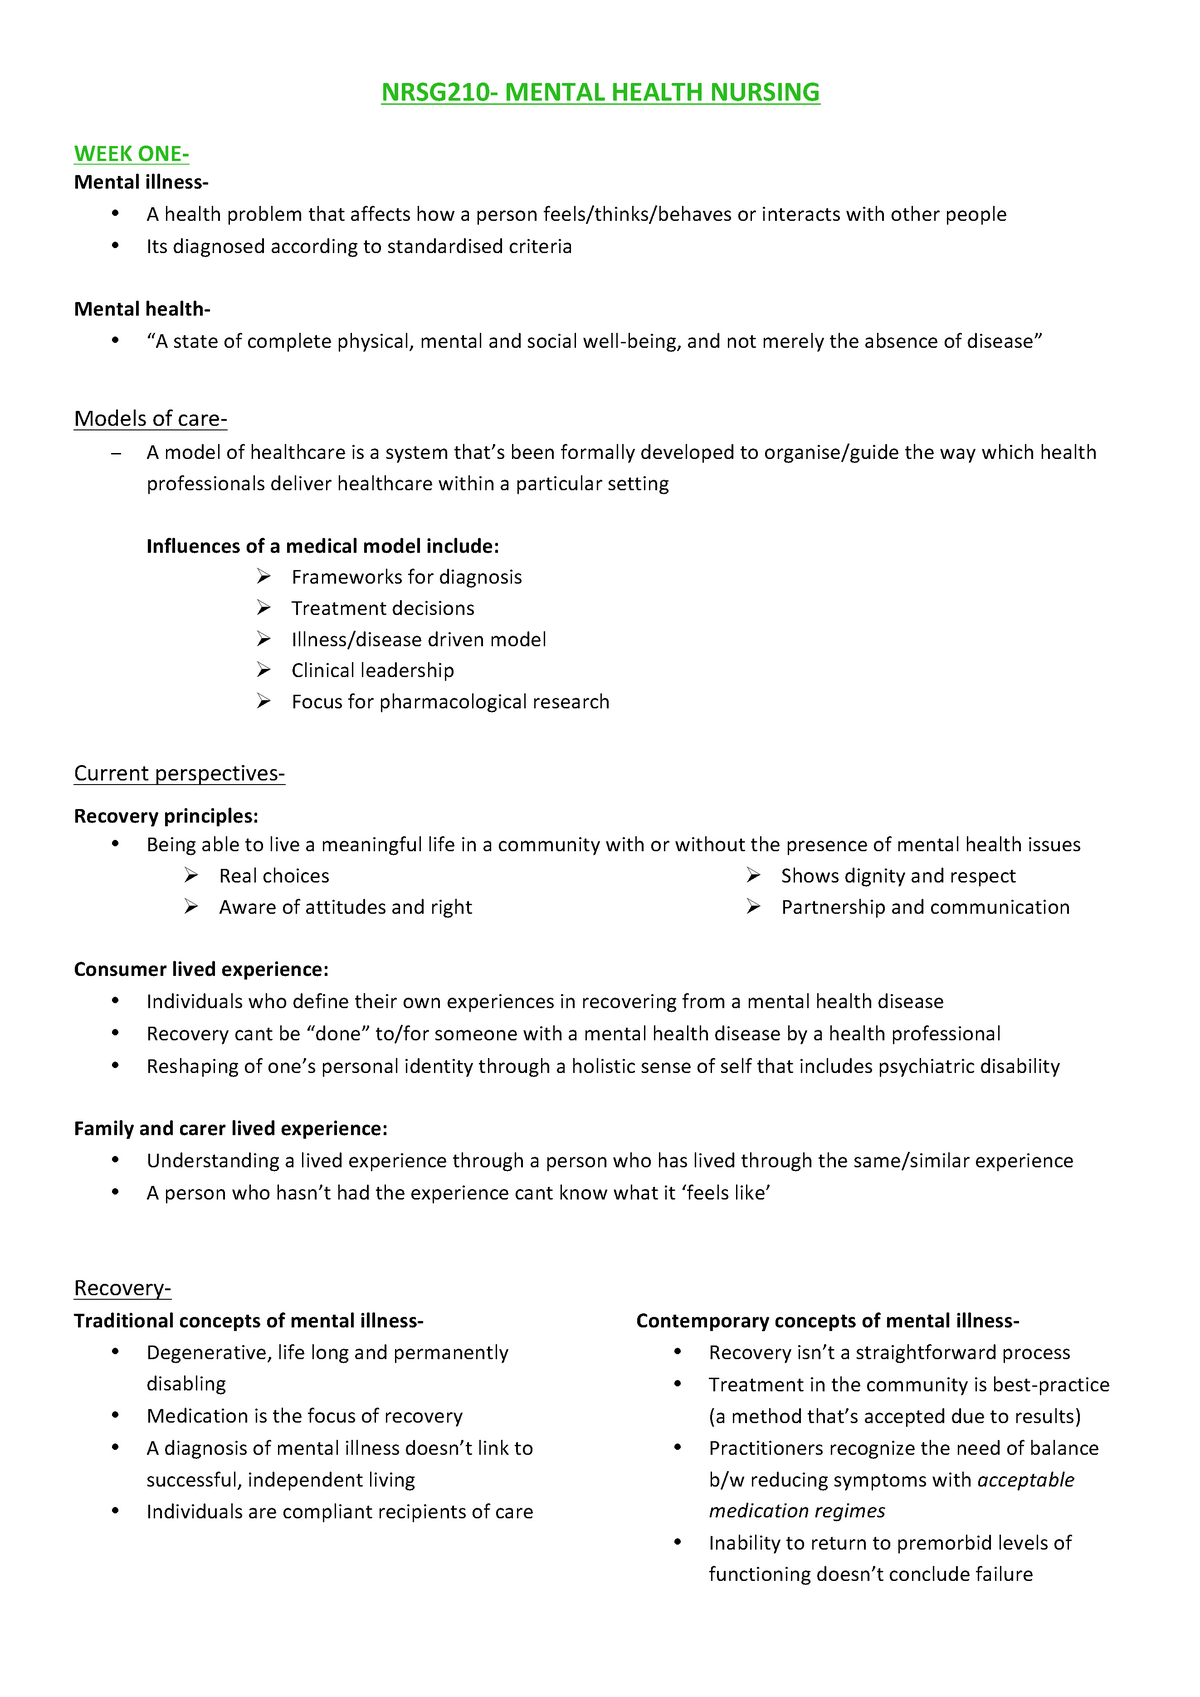 Nrsg210-semester-1-notes - NRSG210 : Mental Health Nursing - StuDocu